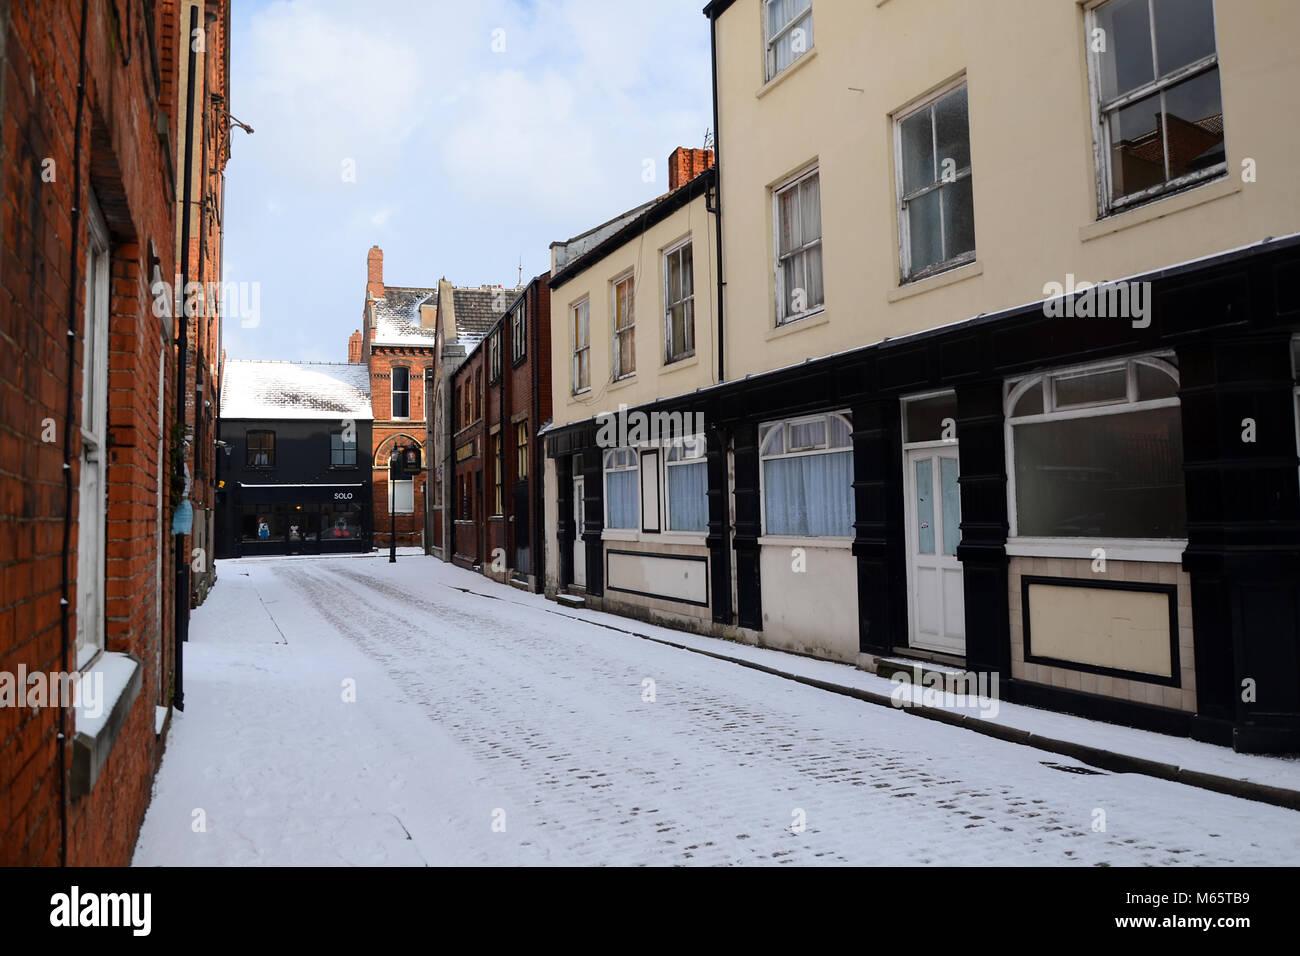 black swan public house Dagger Lane,prince street, old town, kingston upon Hull, Hull, UK - Stock Image